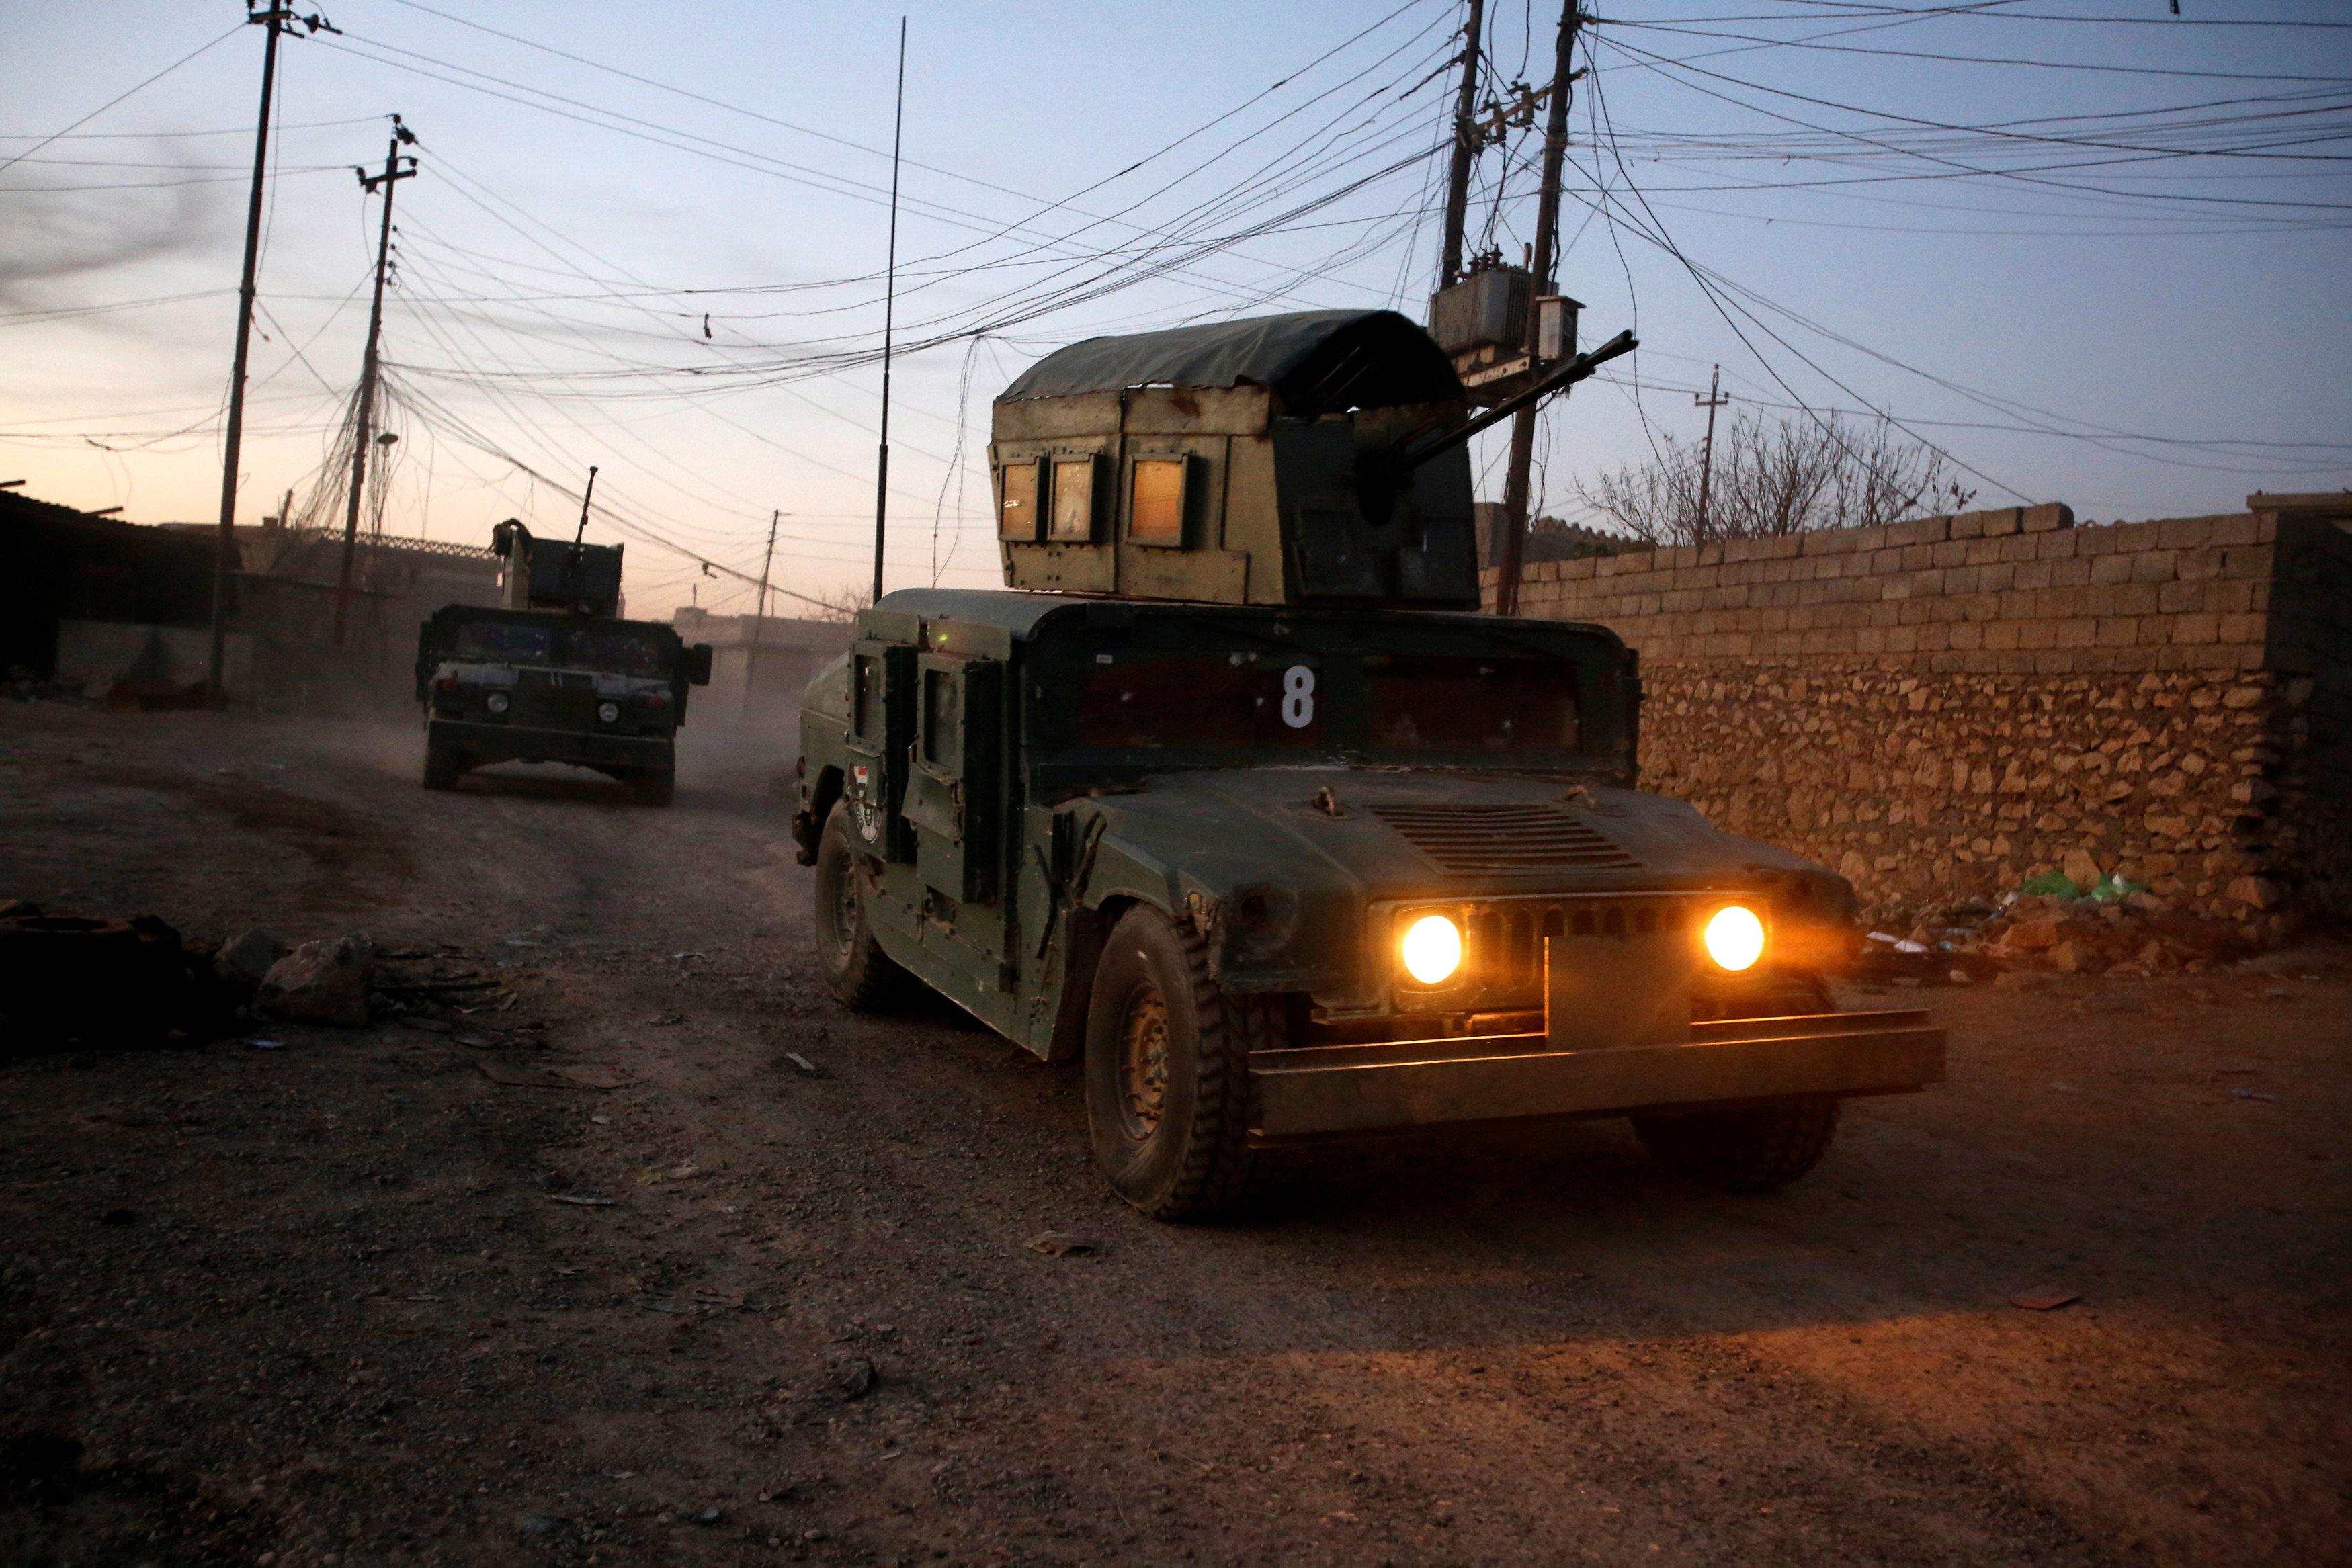 القوات العراقية المشاركة فى المعركة